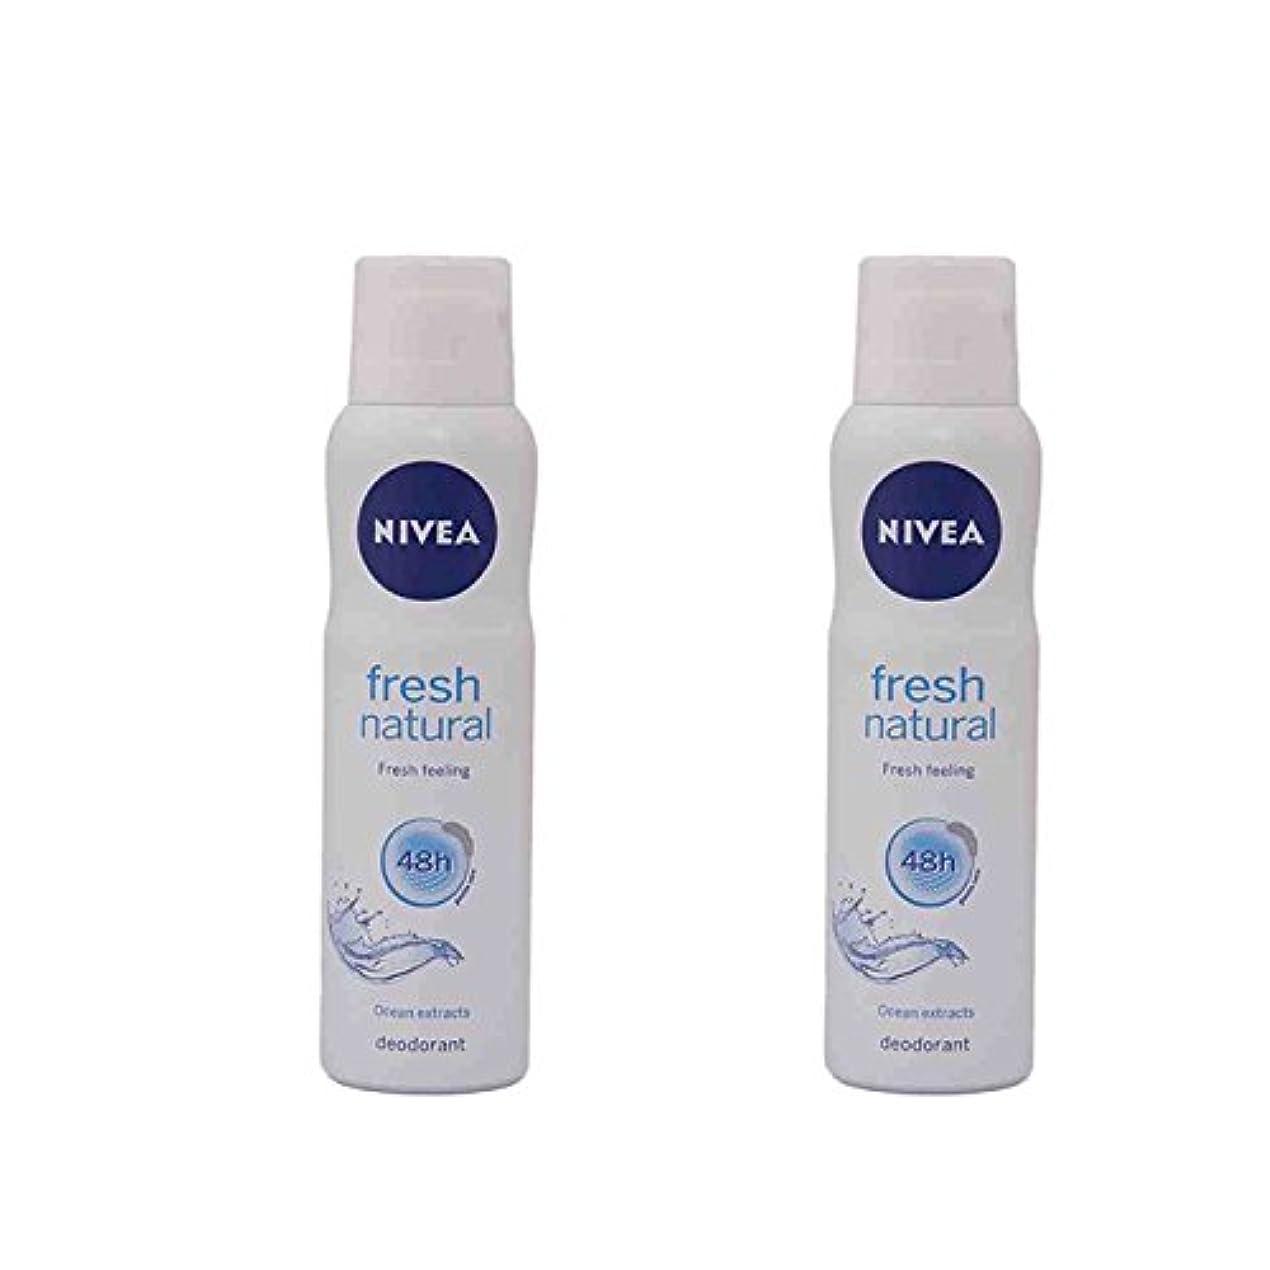 あえて感謝沿って2 Lots X Nivea For Women Fresh Natural Deodorant, 150ml - 並行輸入品 - 2ロットXニベア女性用フレッシュナチュラルデオドラント、150ml